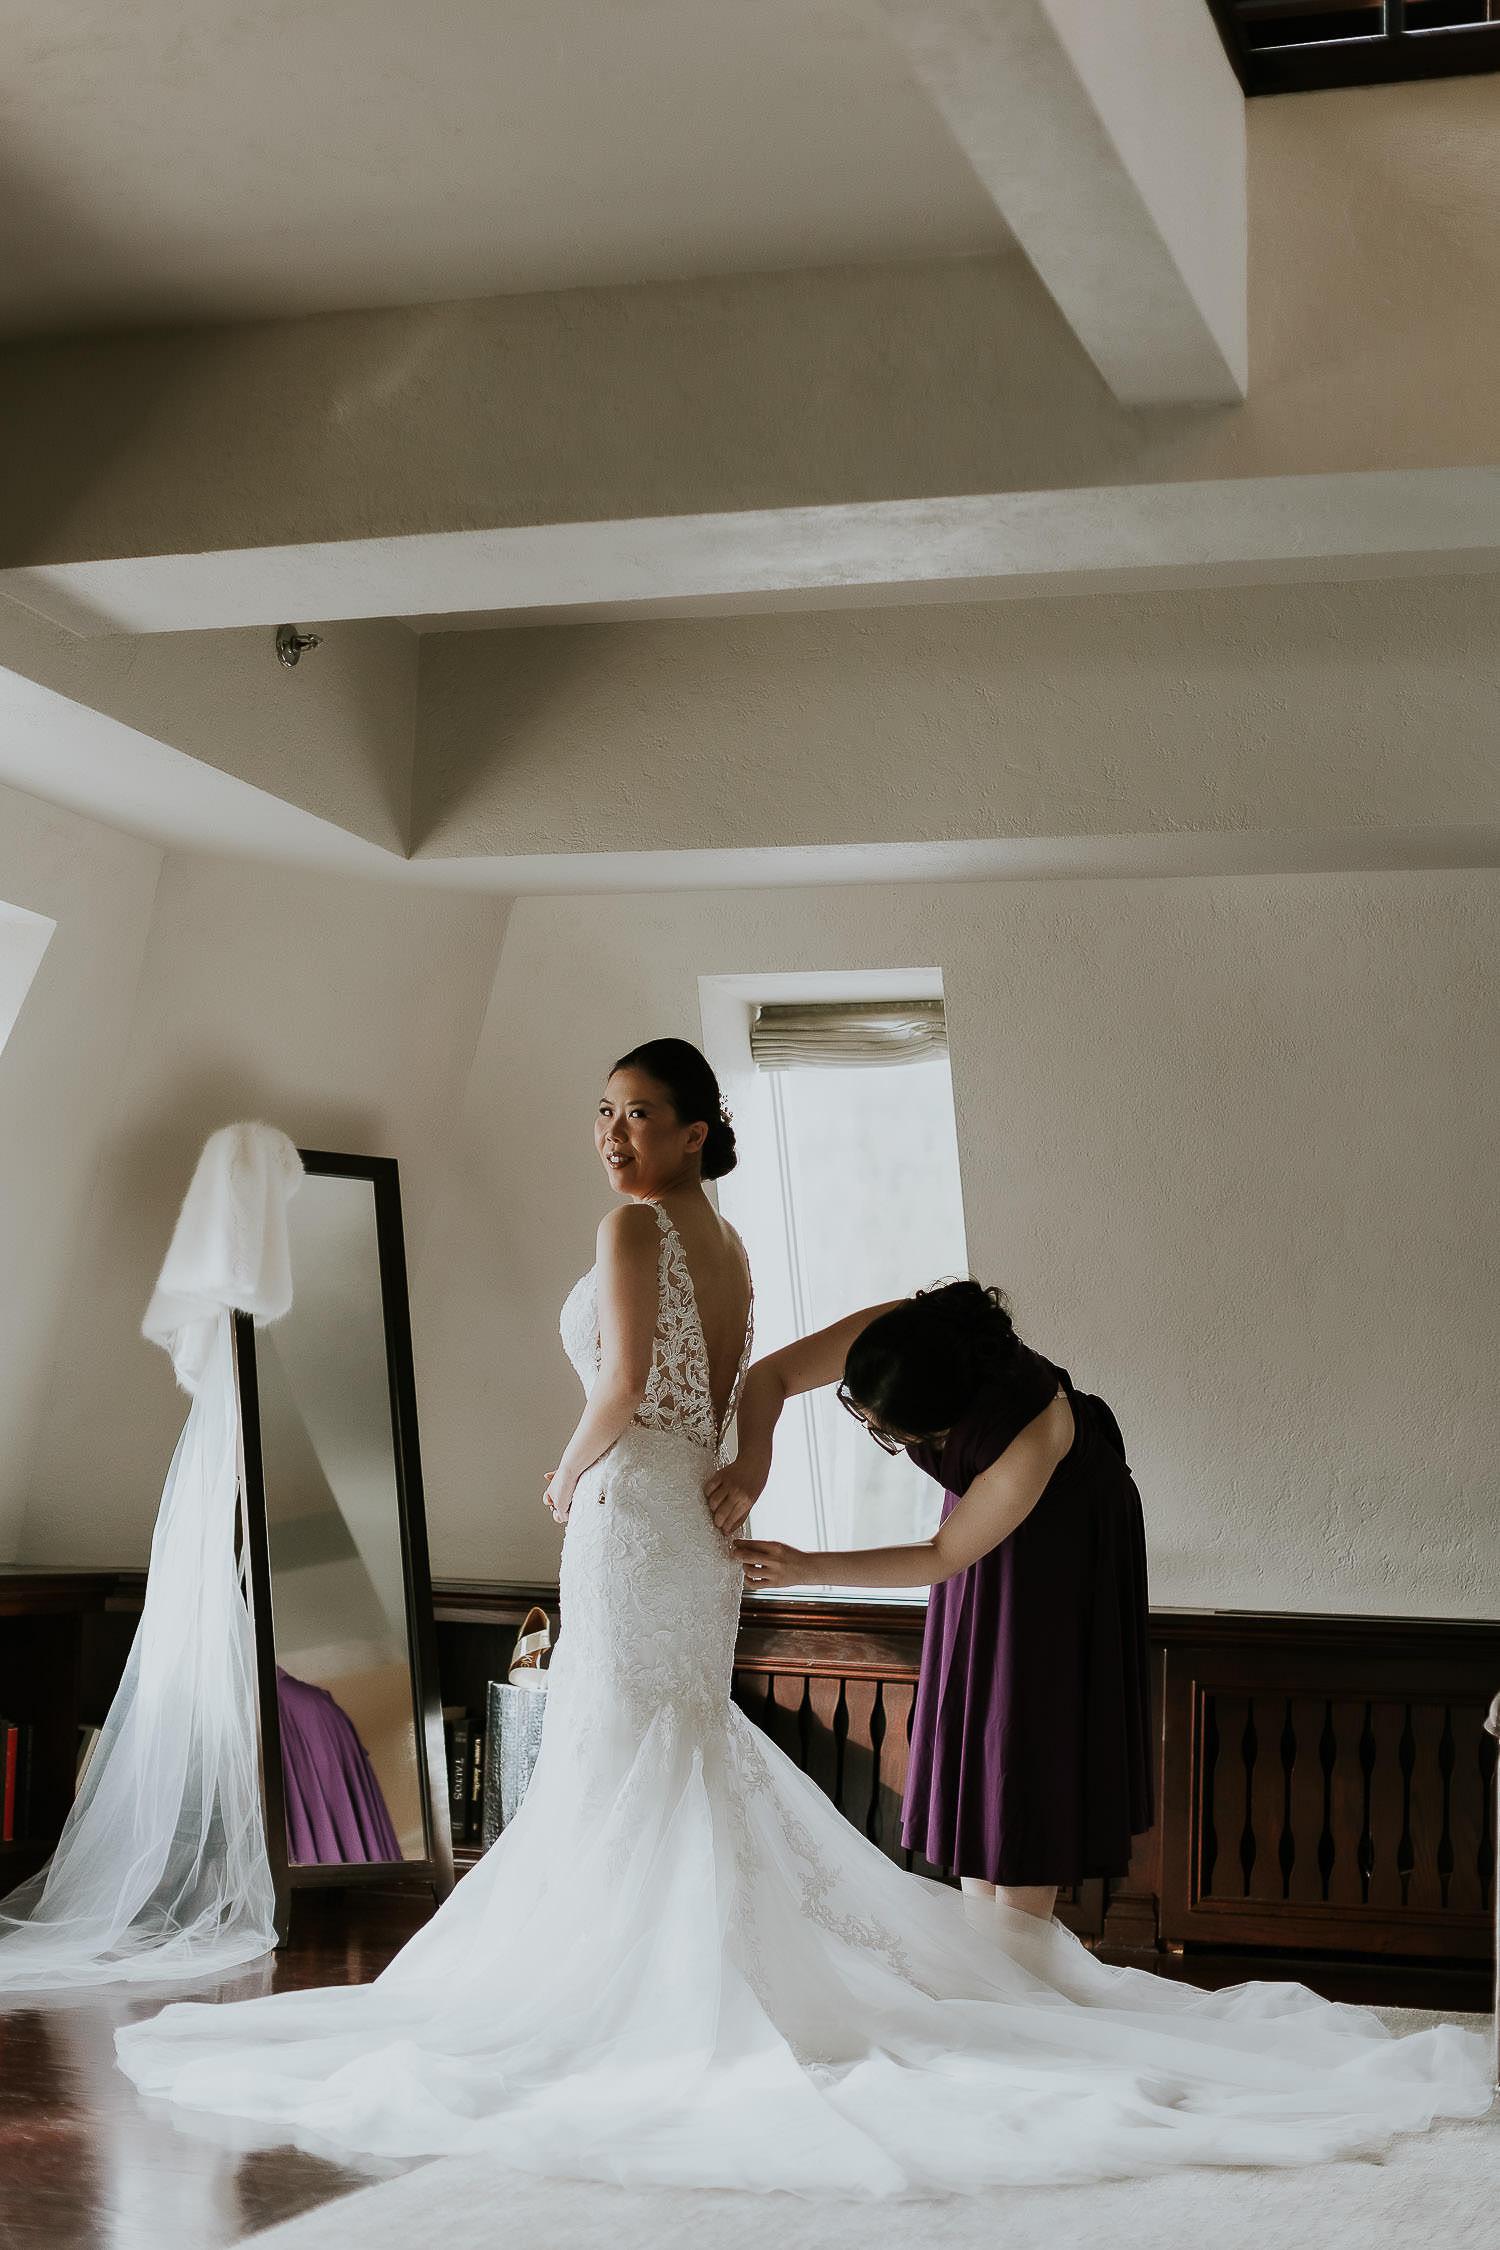 intimate-wedding-at-banff-springs-hotel-sarah-pukin-0031